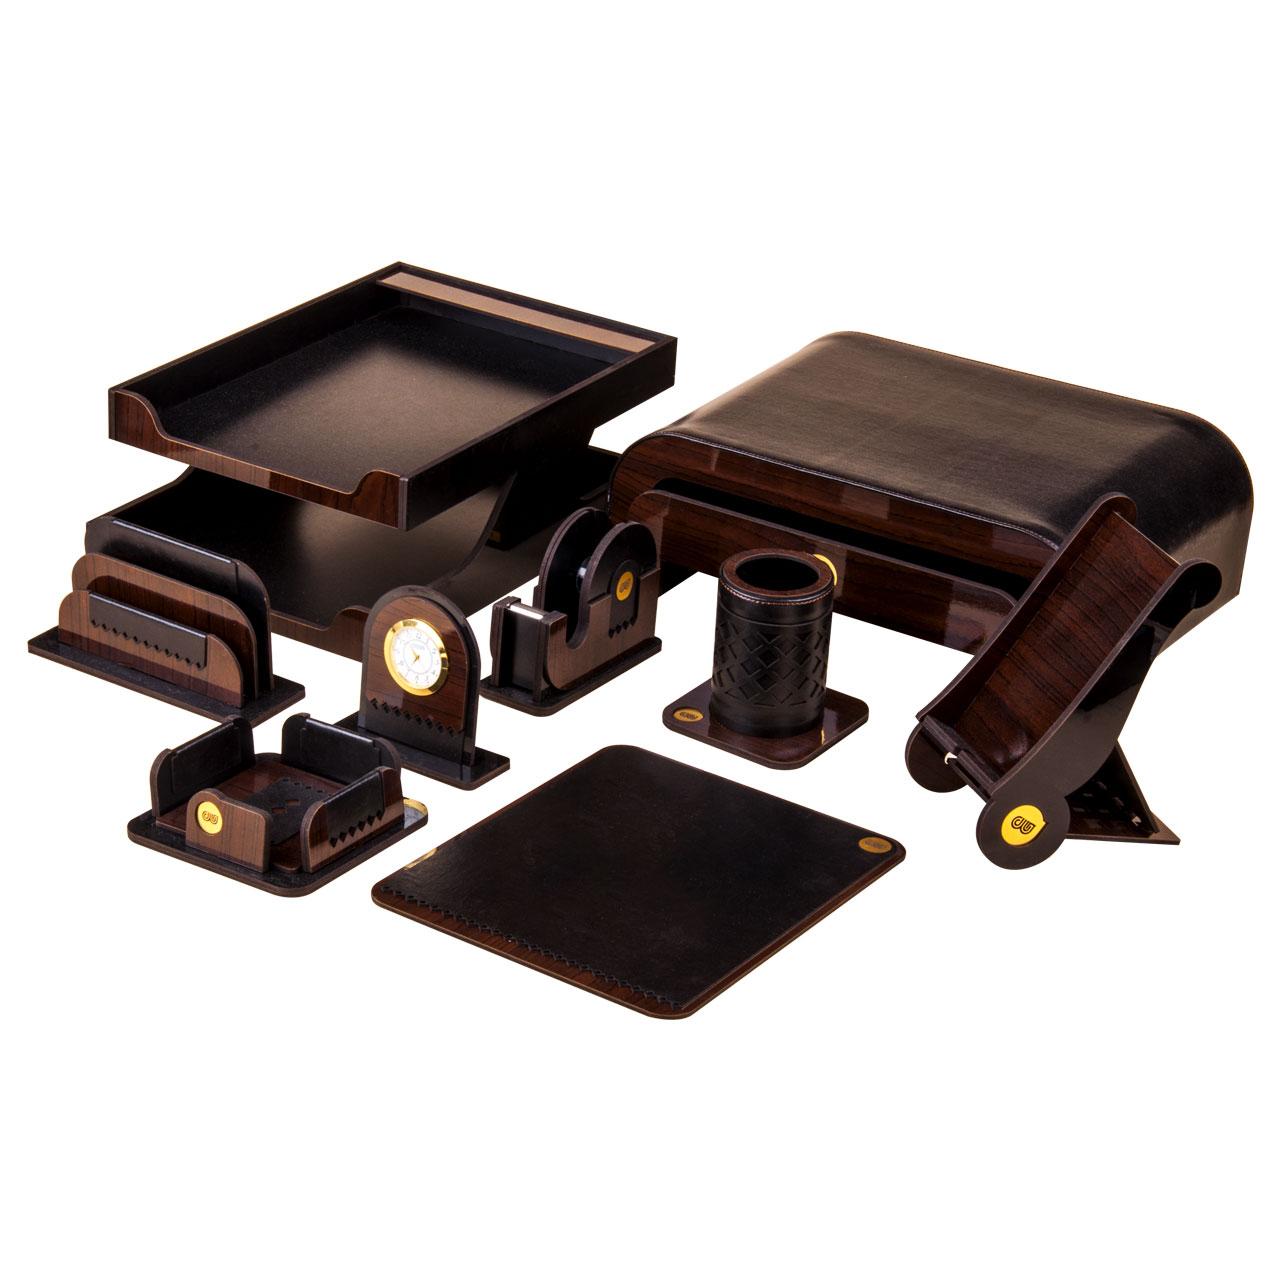 قیمت خرید ست لوازم اداری رومیزی حال مدل ZJ909 مجموعه 9 عددی اورجینال